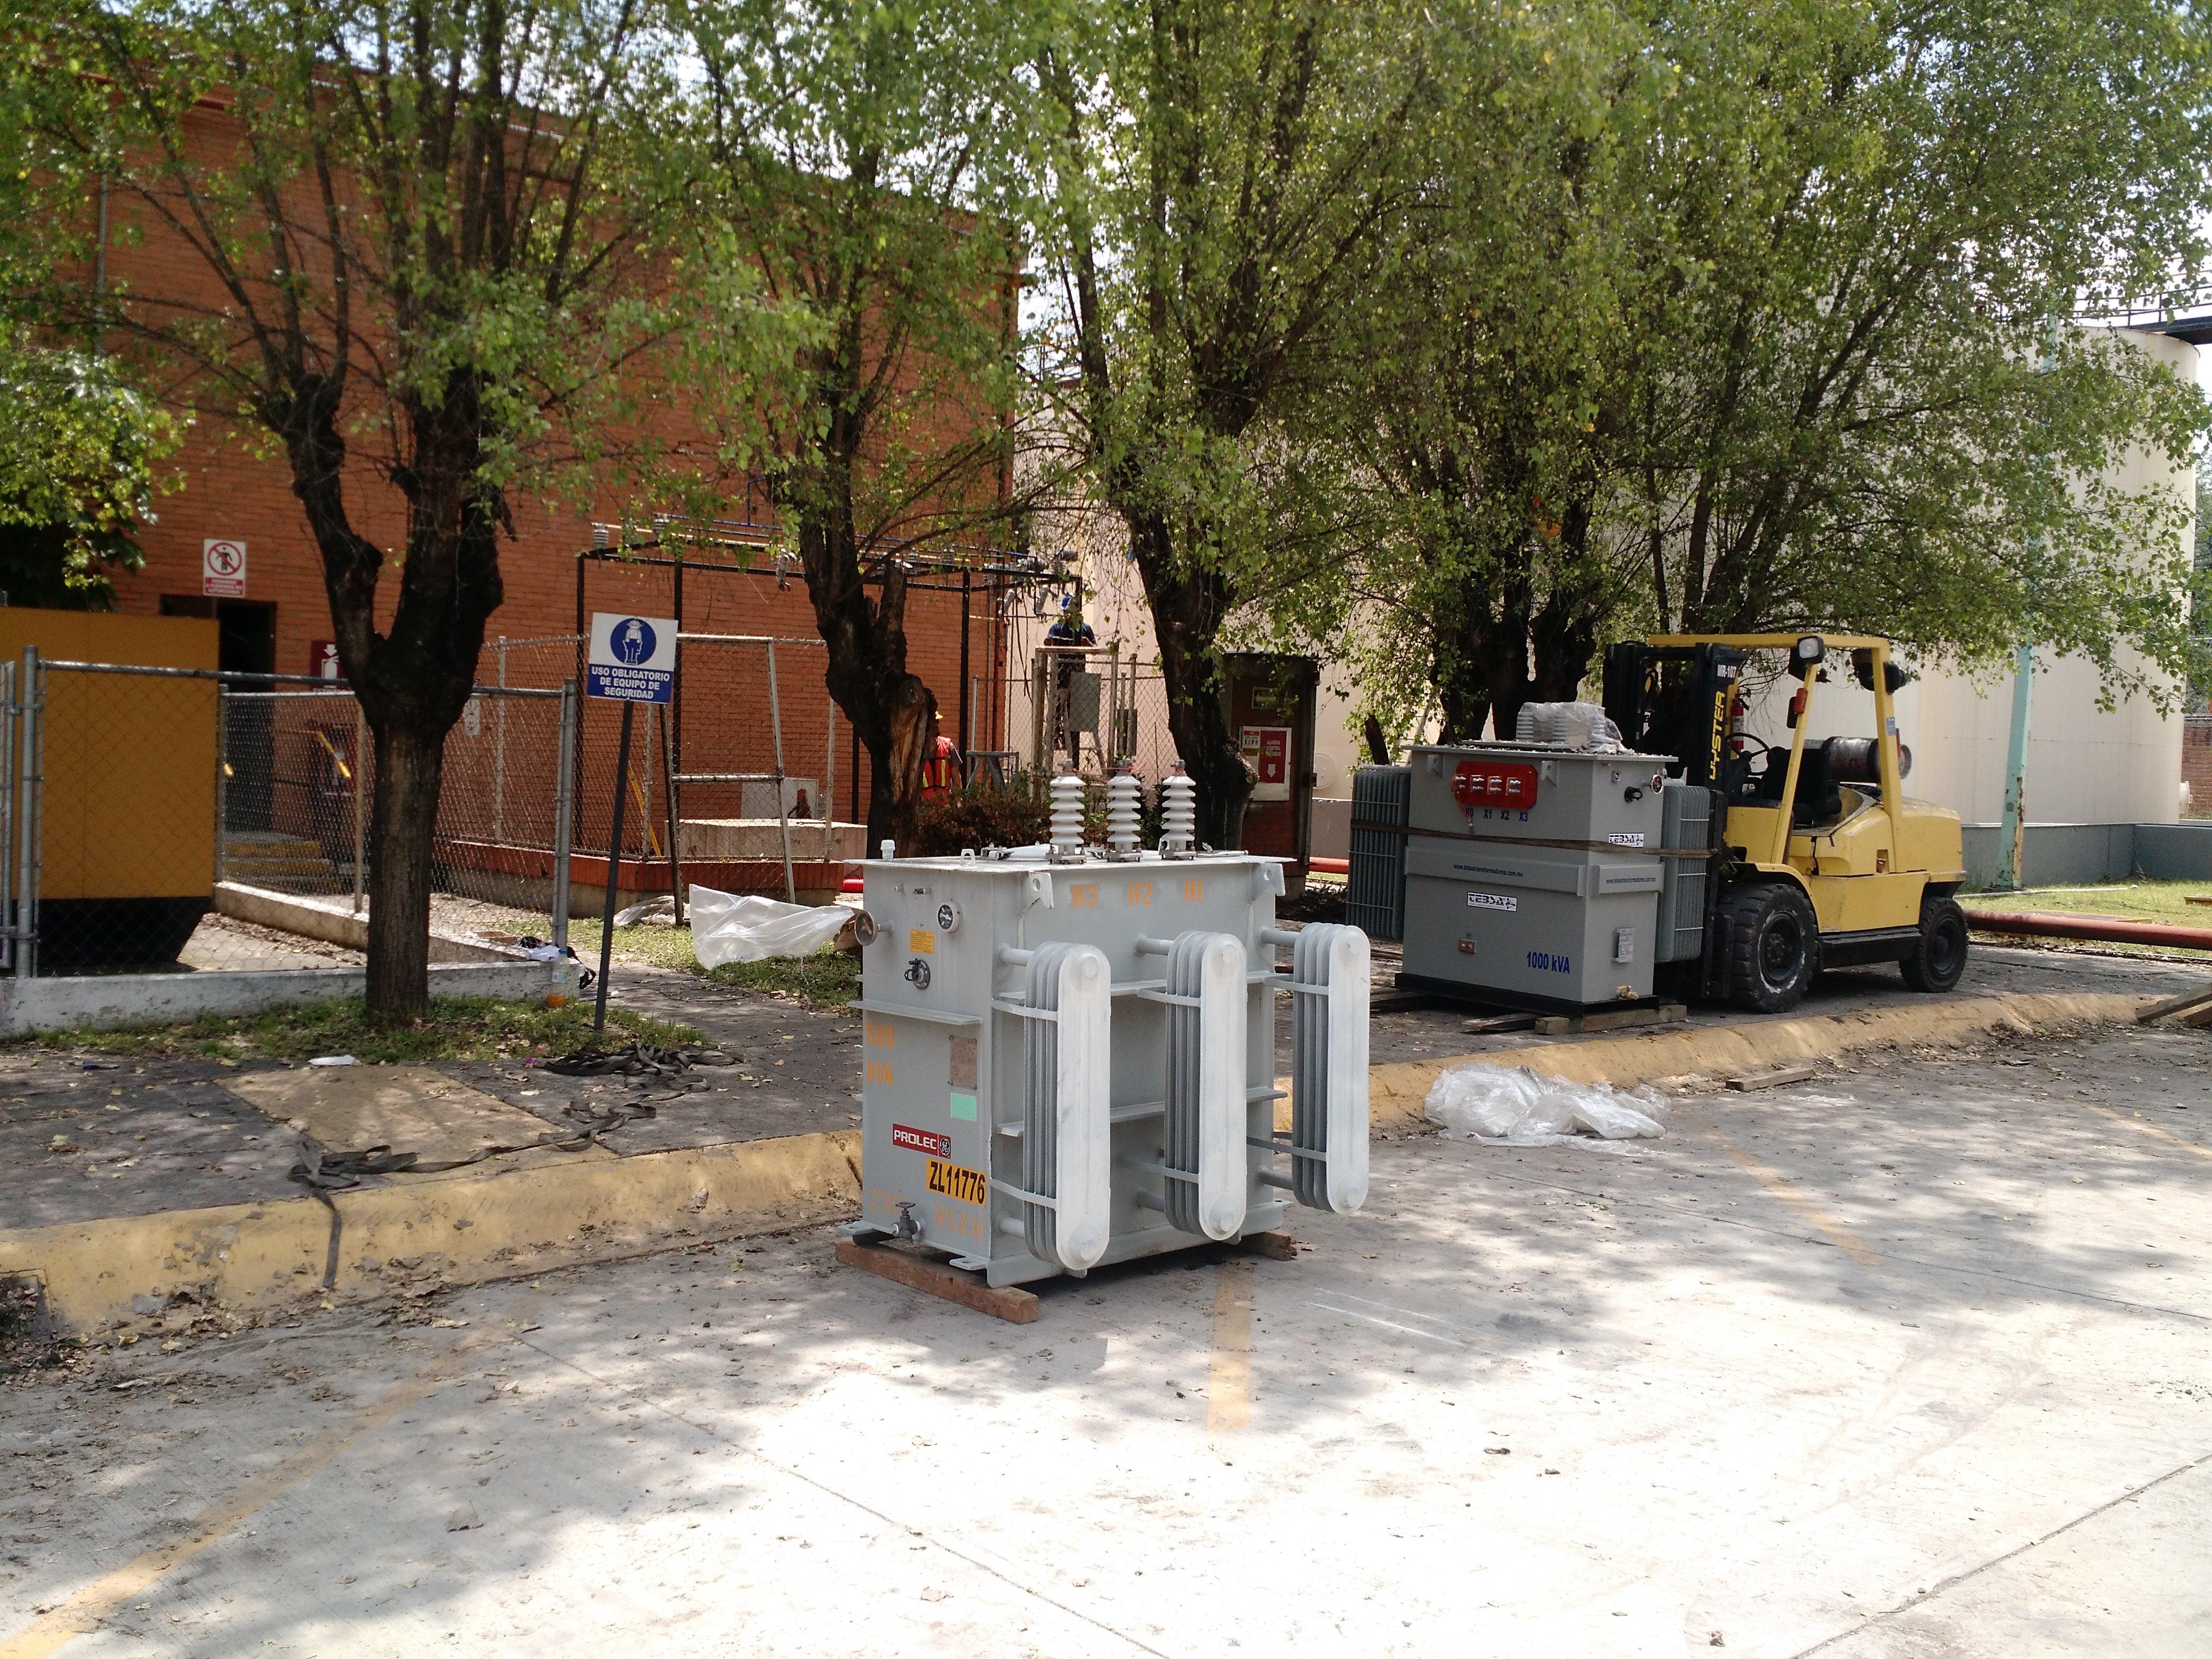 INSTALACIÓN ELÉCTRICA  Y MANIOBRAS NECESARIAS PARA  UNA INSTALACIÓN SEGURA.